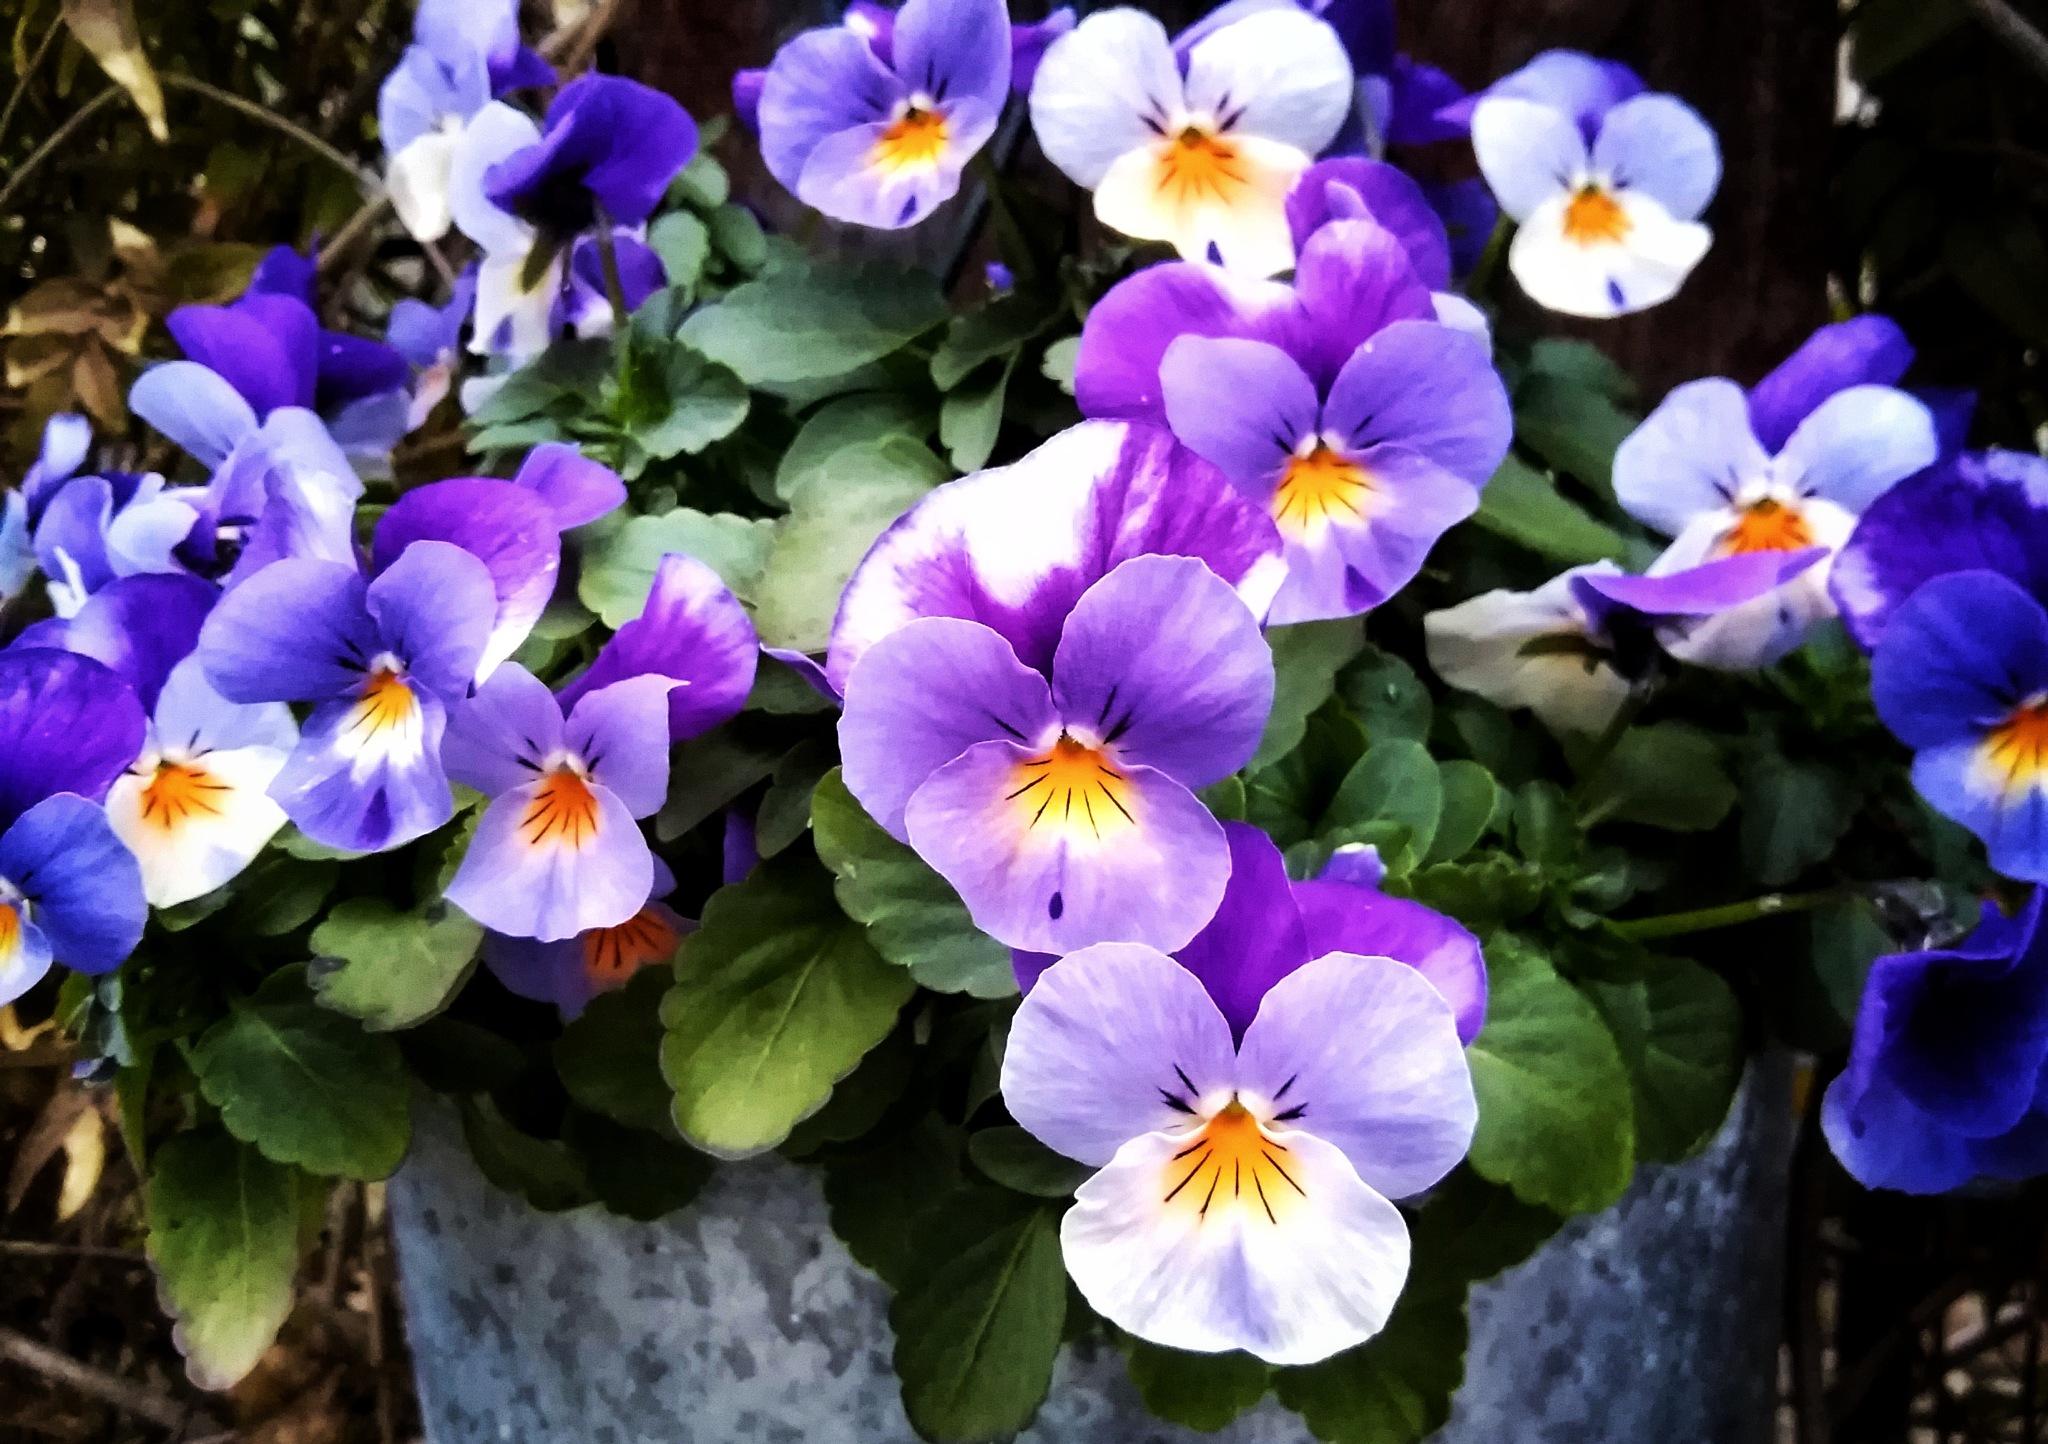 Violet violas by Kazuma Takeda